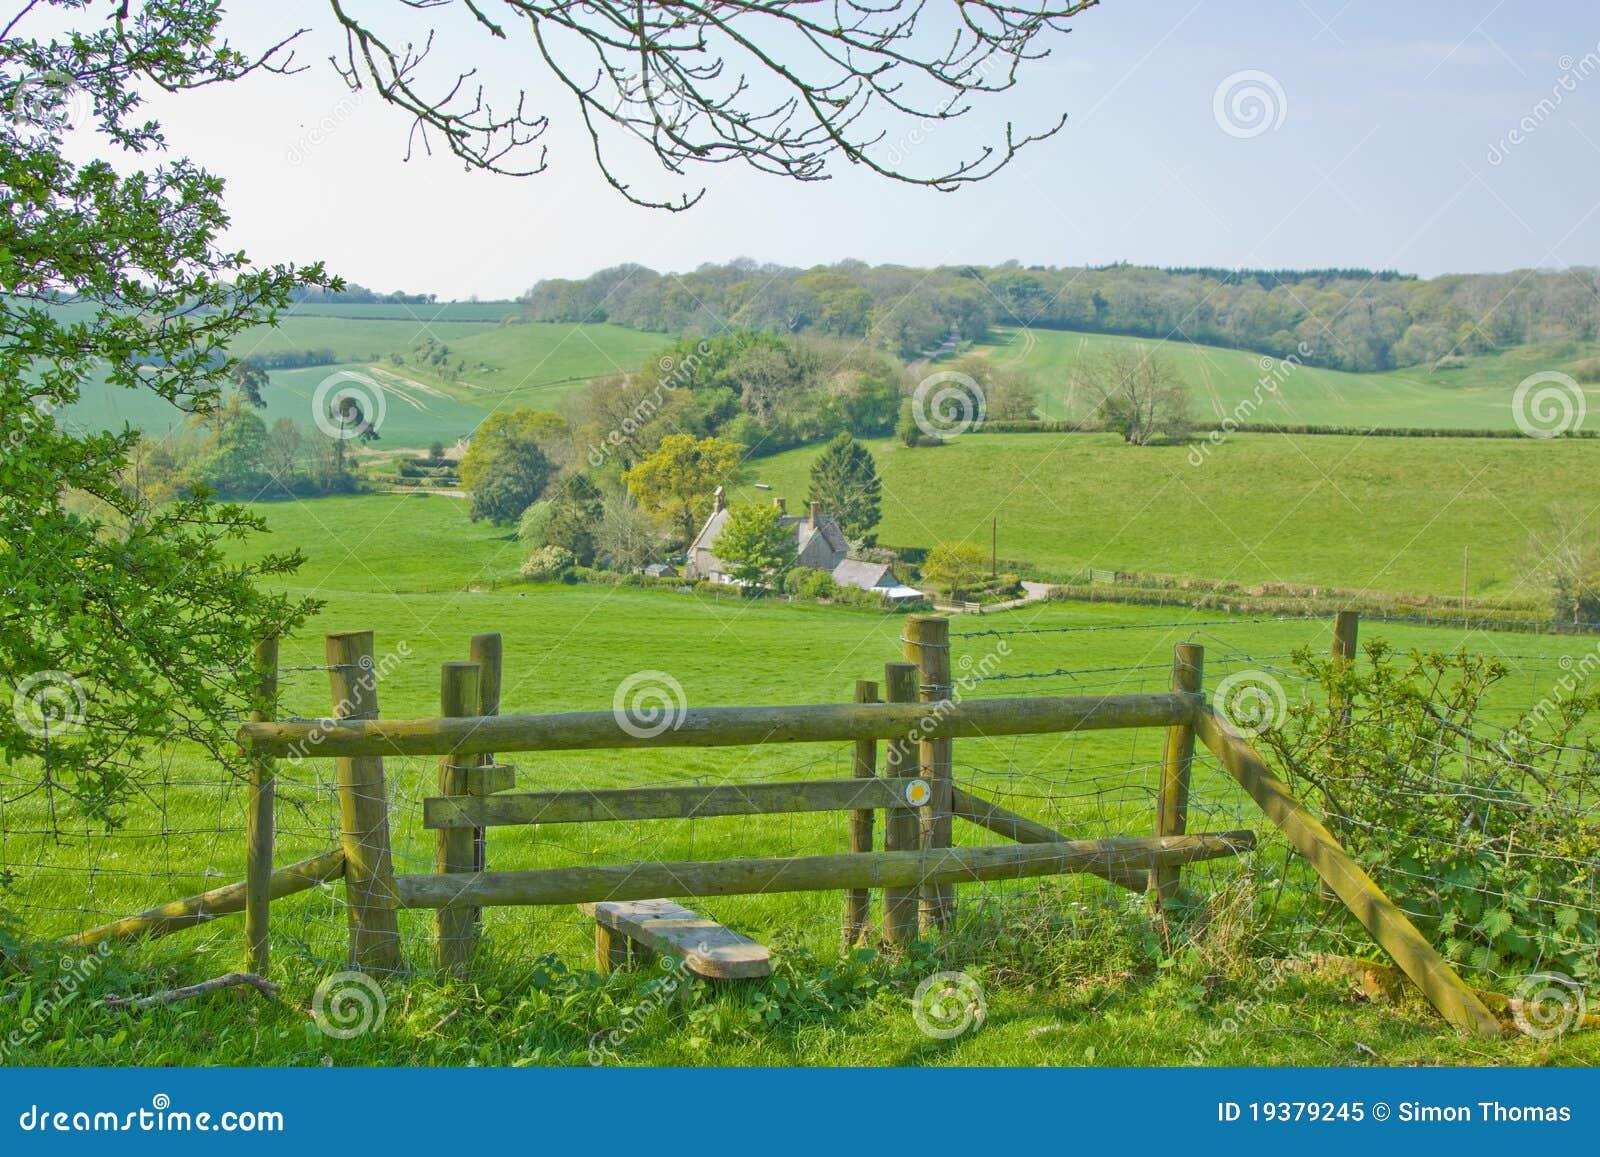 English Countryside Stile Royalty Free Stock Photo - Image: 19379245